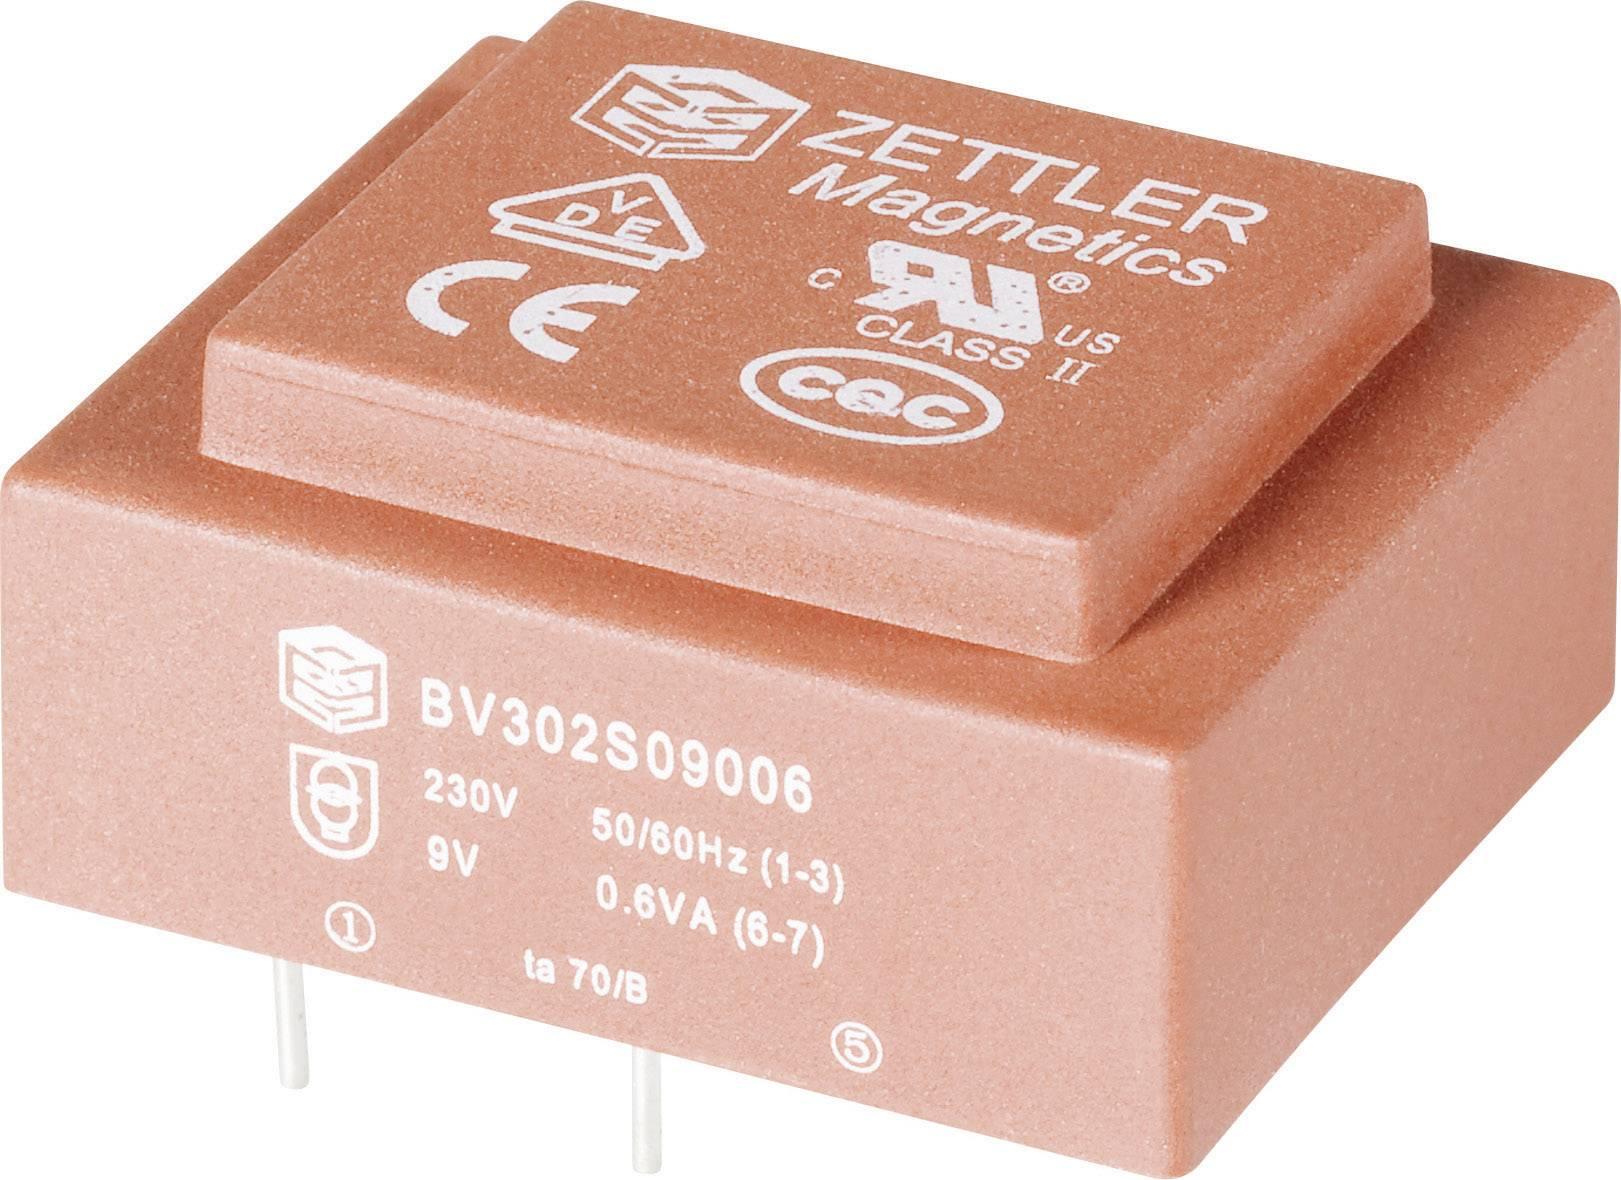 Transformátor do DPS Zettler Magnetics BV302S06010, 1 VA